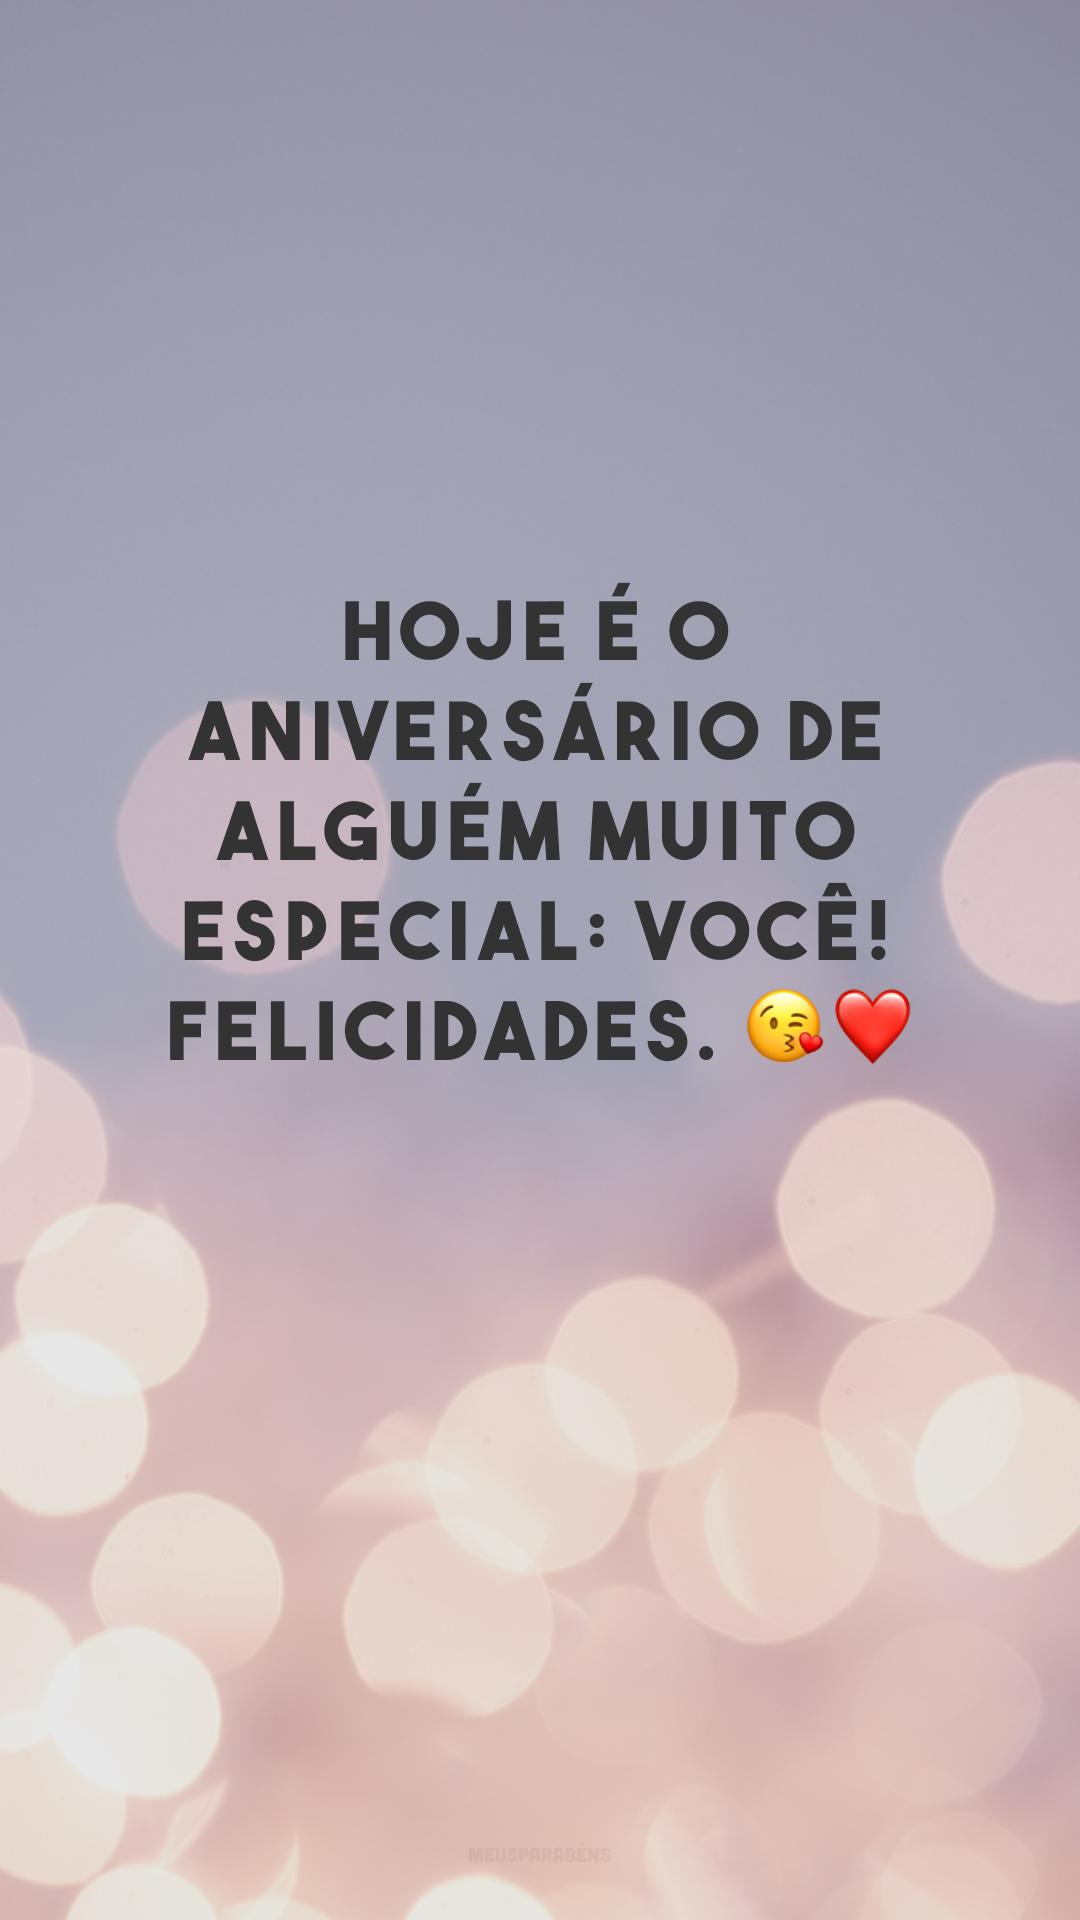 Hoje é o aniversário de alguém muito especial: você! Felicidades. 😘❤